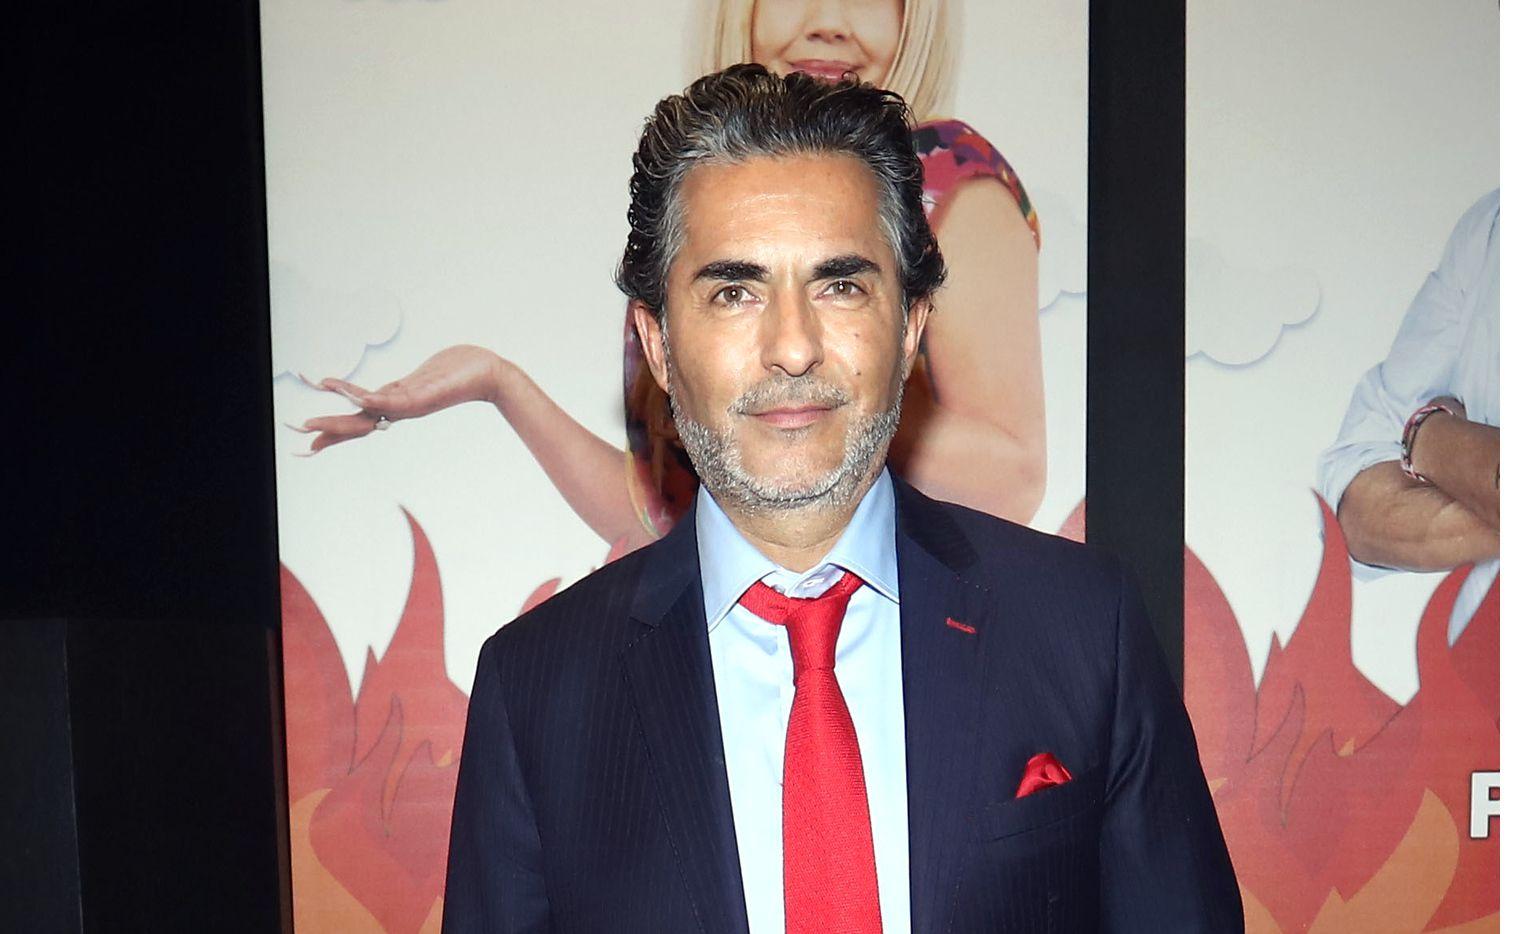 Raúl Araiza (foto) exige al actor que se disculpe con Andrea, luego de tacharla de infiel y mala mujer.